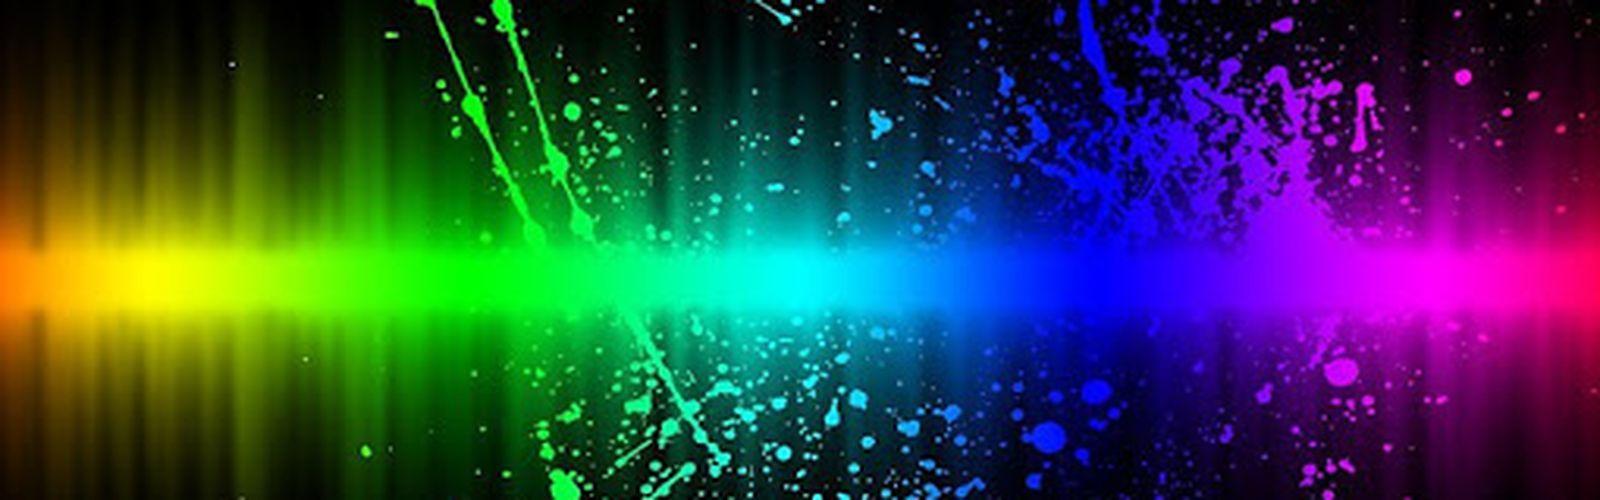 Kolorowa grafika - rozpryskująca się woda